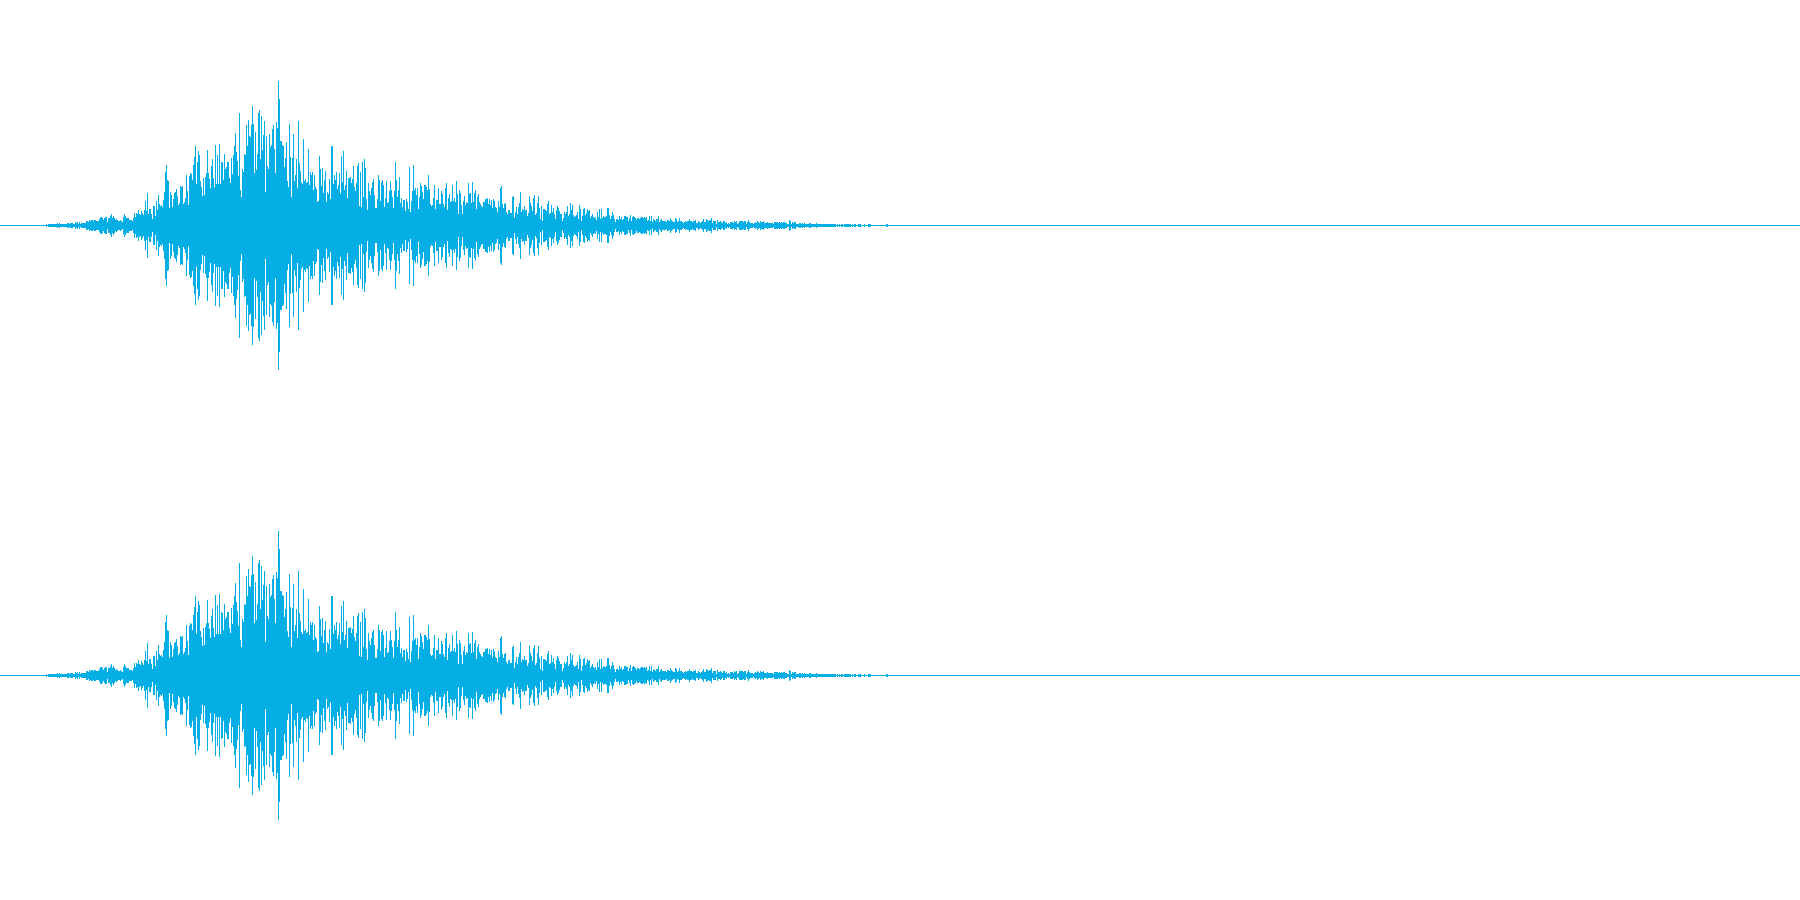 動かす音(硬質)の再生済みの波形